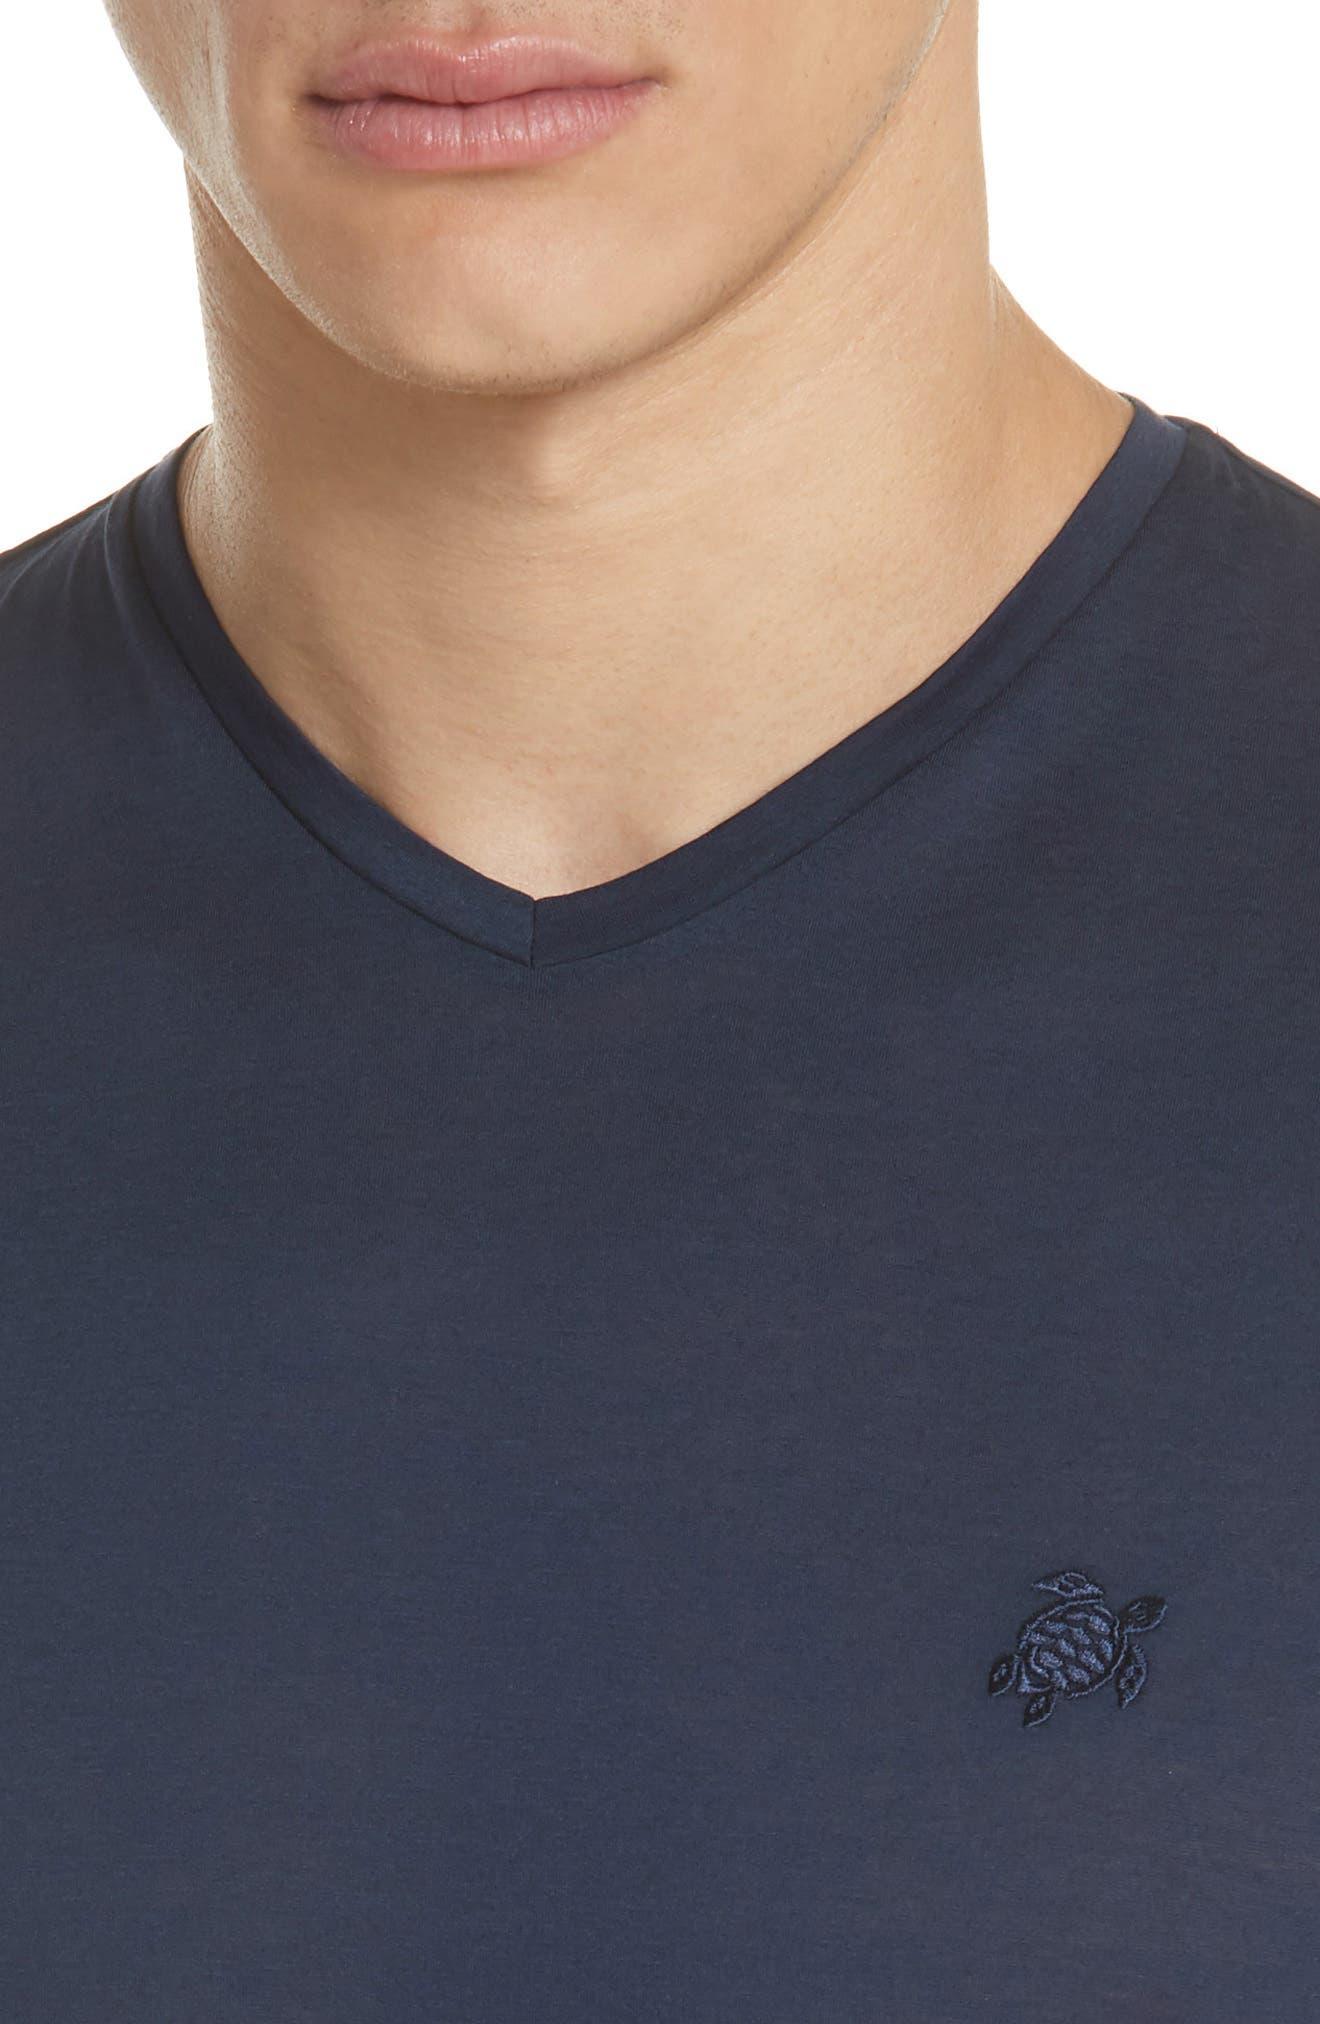 V-Neck T-Shirt,                             Alternate thumbnail 4, color,                             NAVY